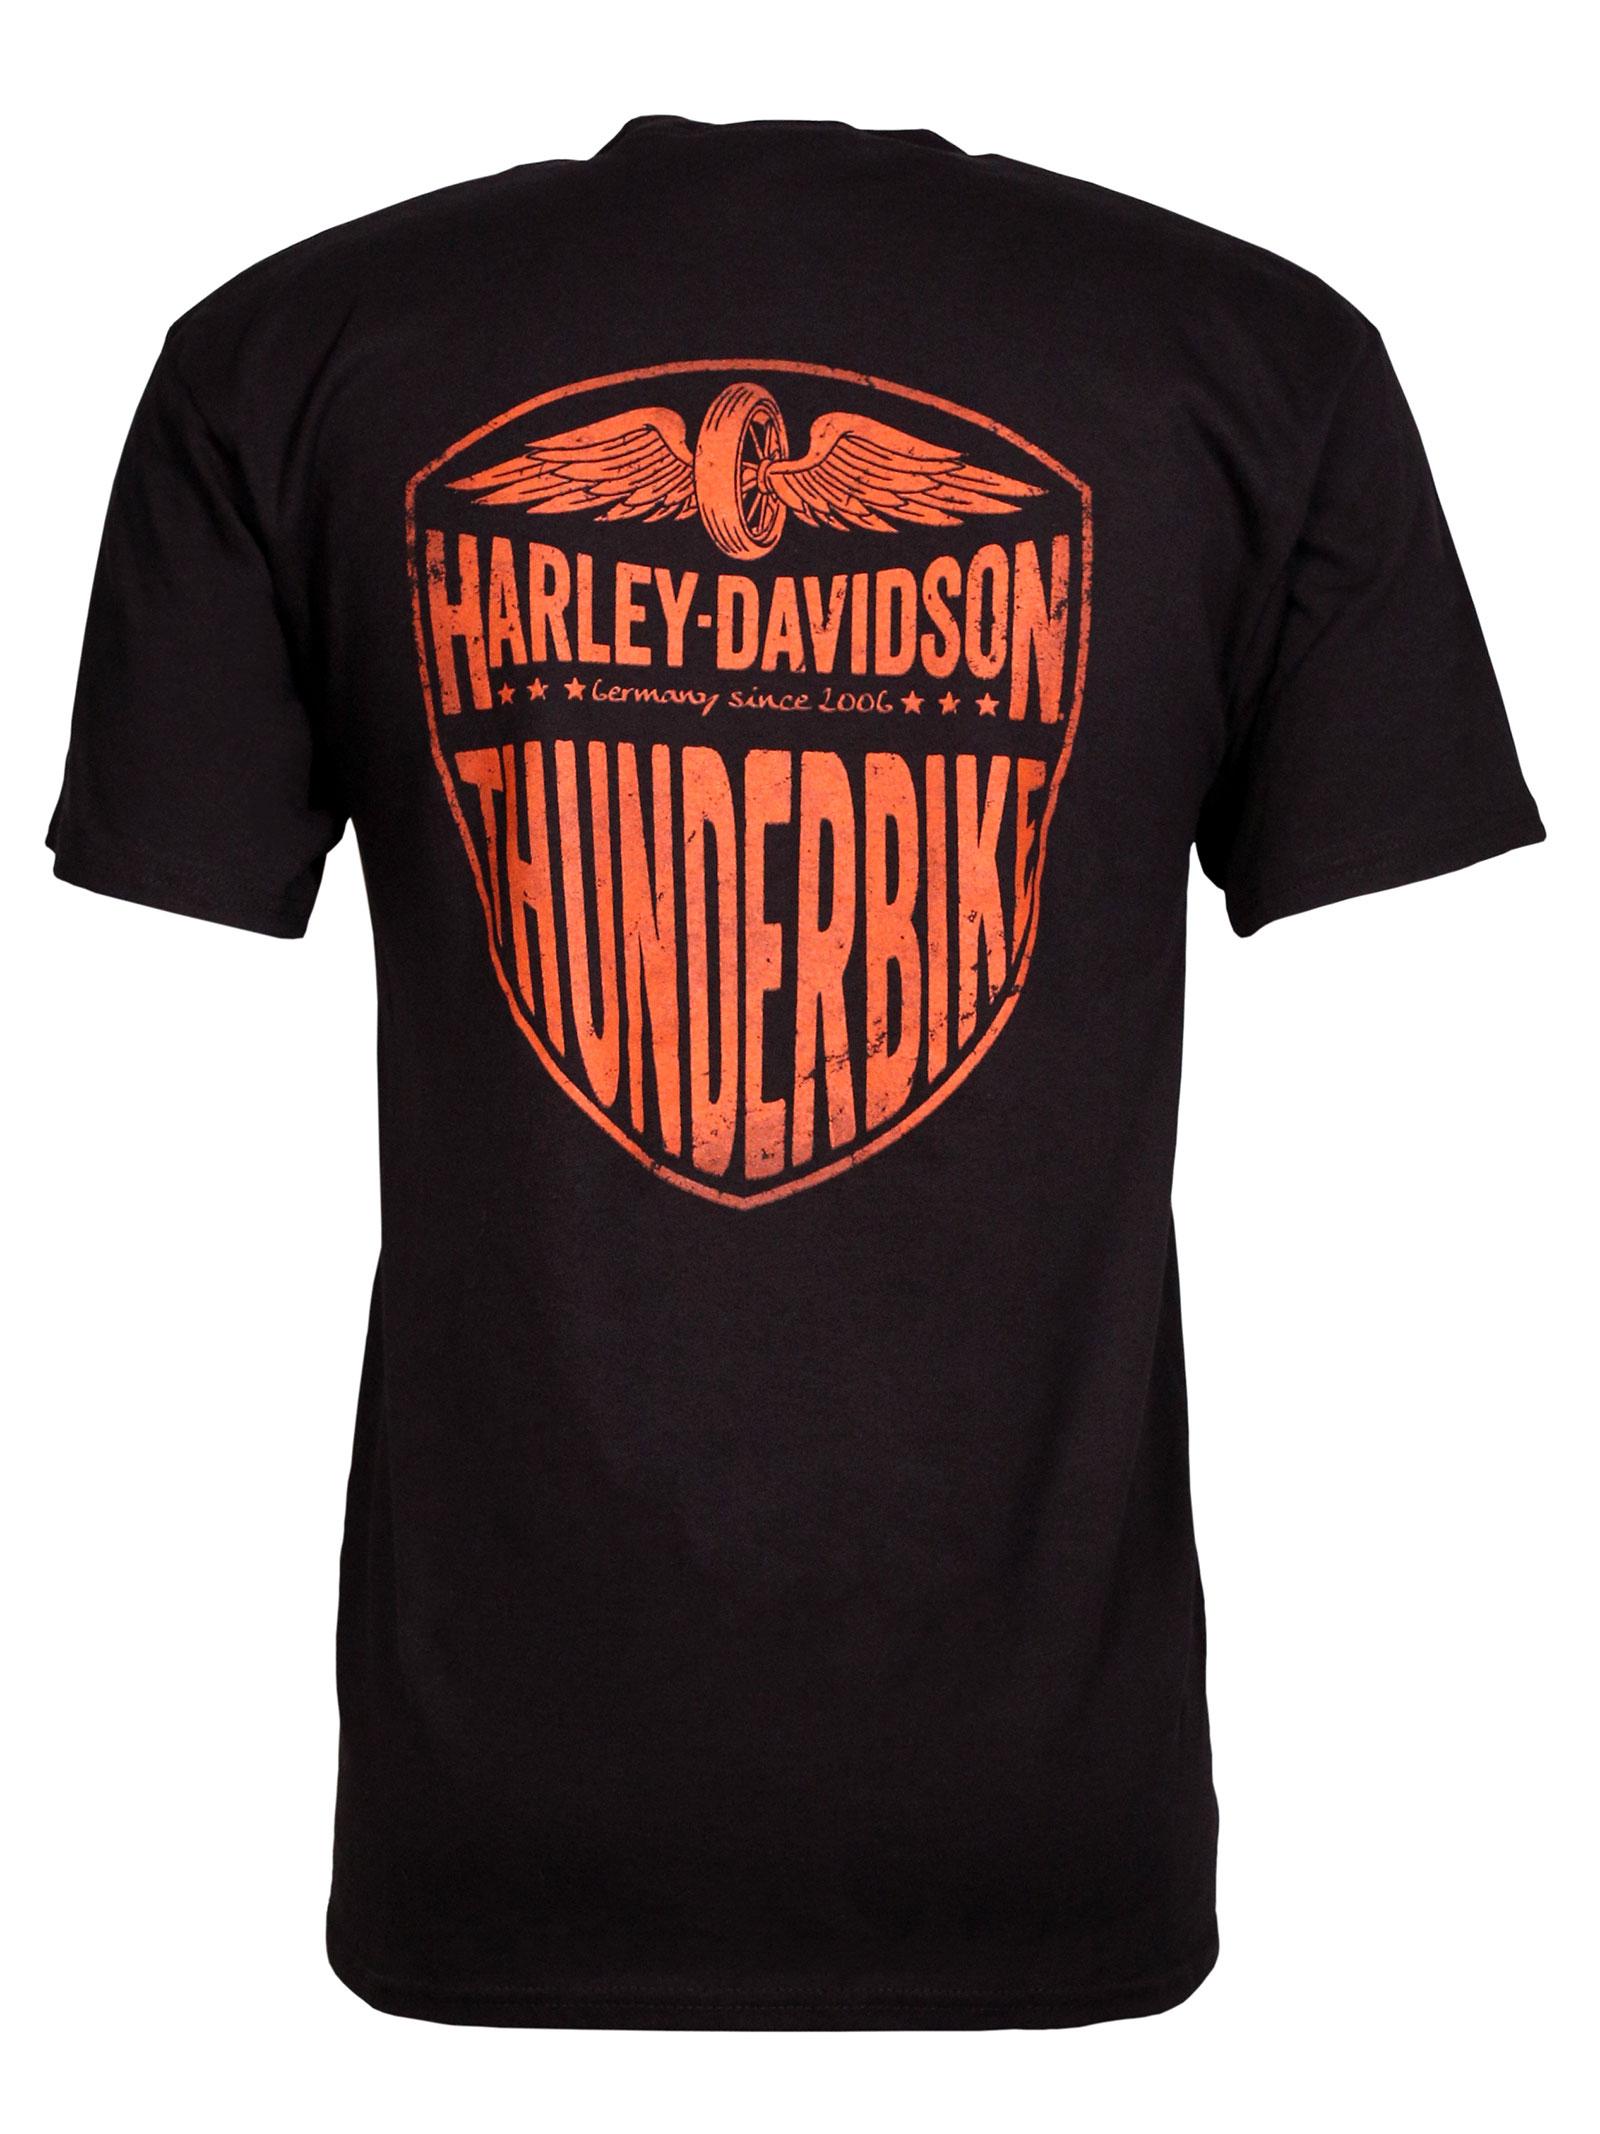 harley davidson t shirt soulful affliction at thunderbike shop. Black Bedroom Furniture Sets. Home Design Ideas